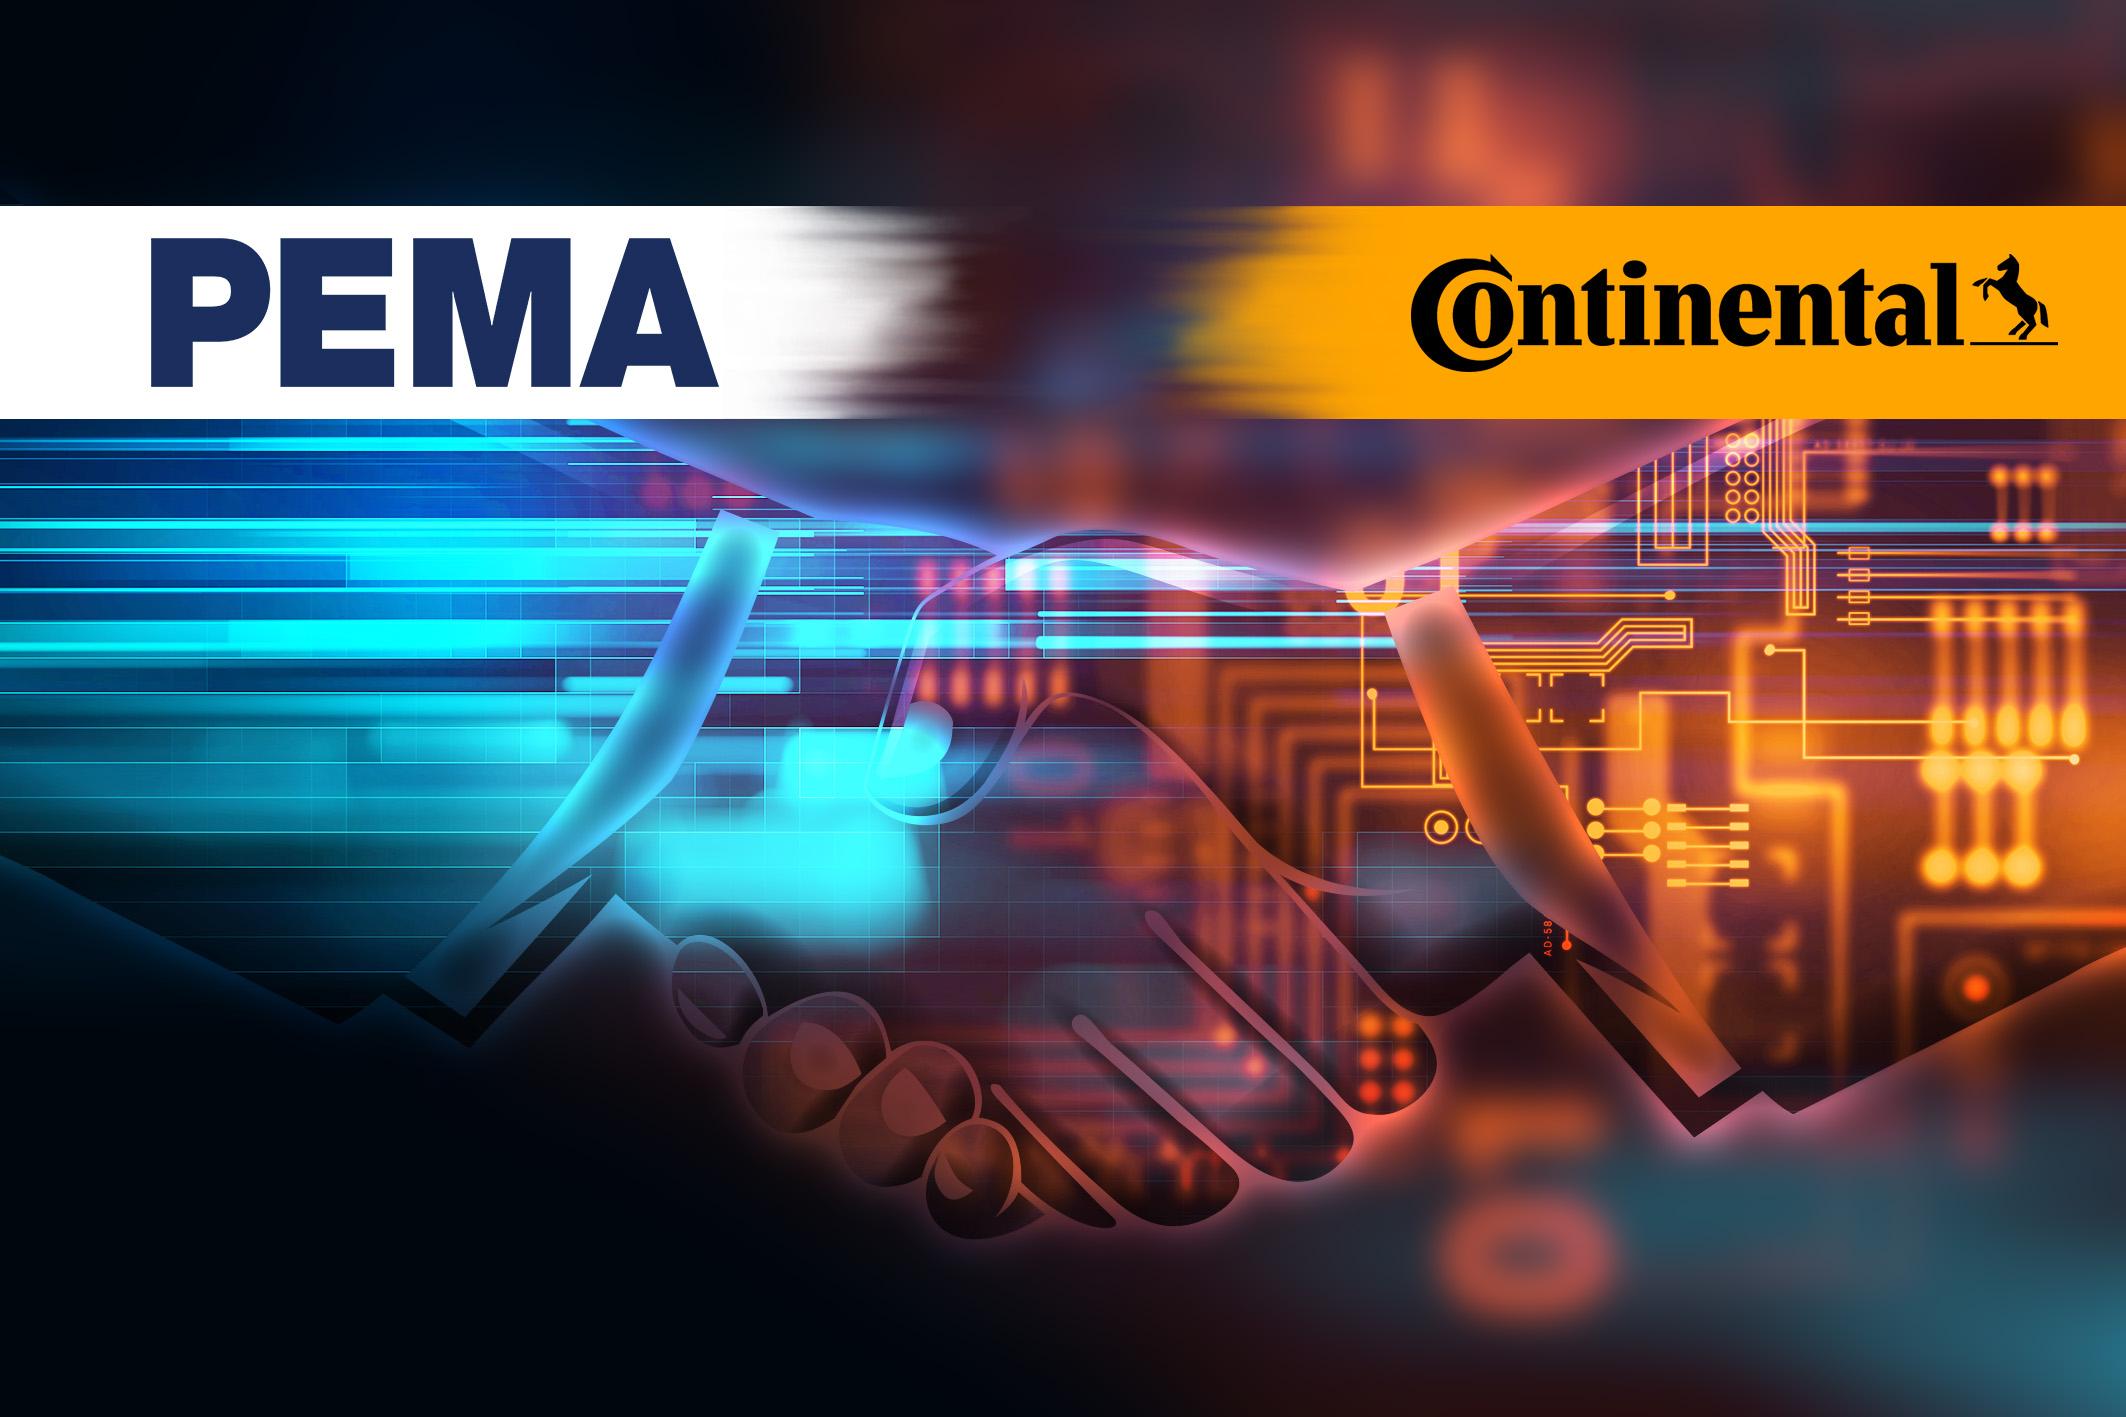 Digitalizácia: PEMA a Continental optimalizujú správu pneumatík pre celý vozový park